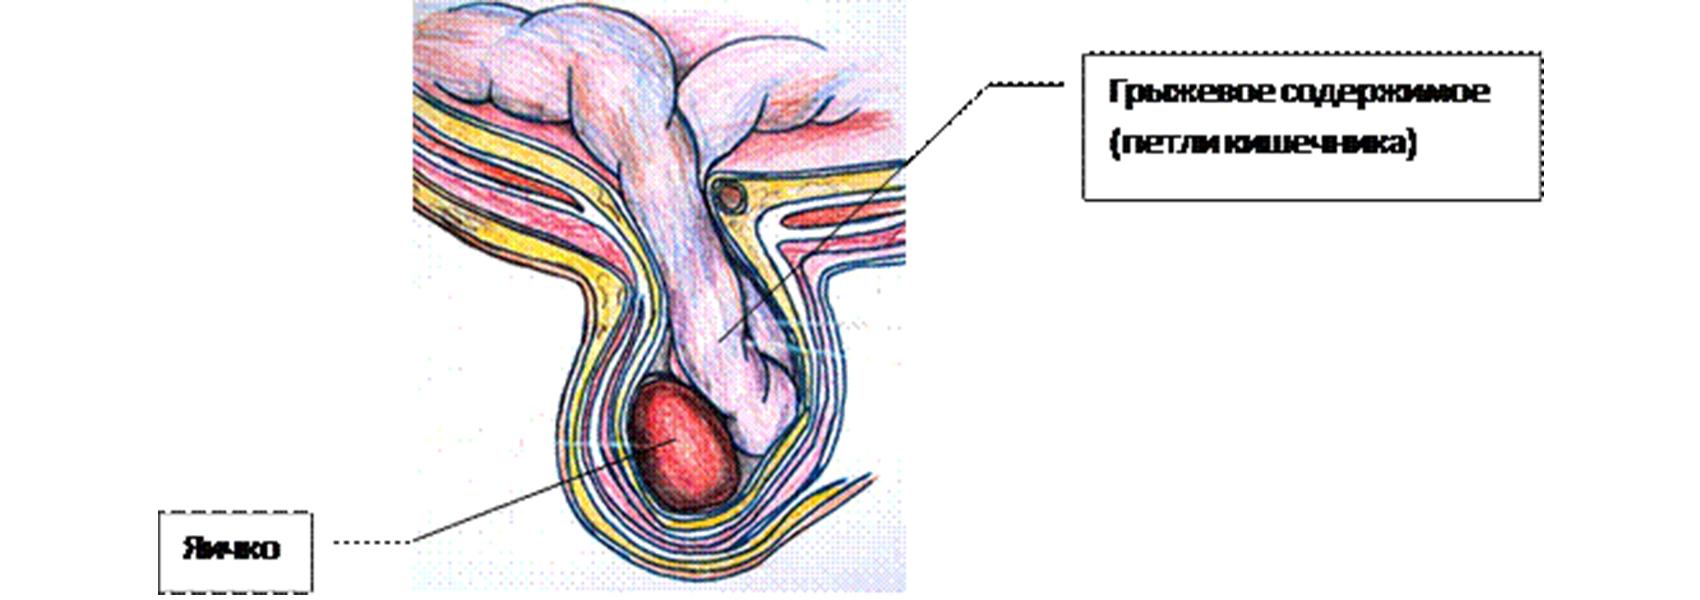 Sérvműtét (Lágyéksérv, Köldöksérv, Combsérv, Gyomortáji sérv)